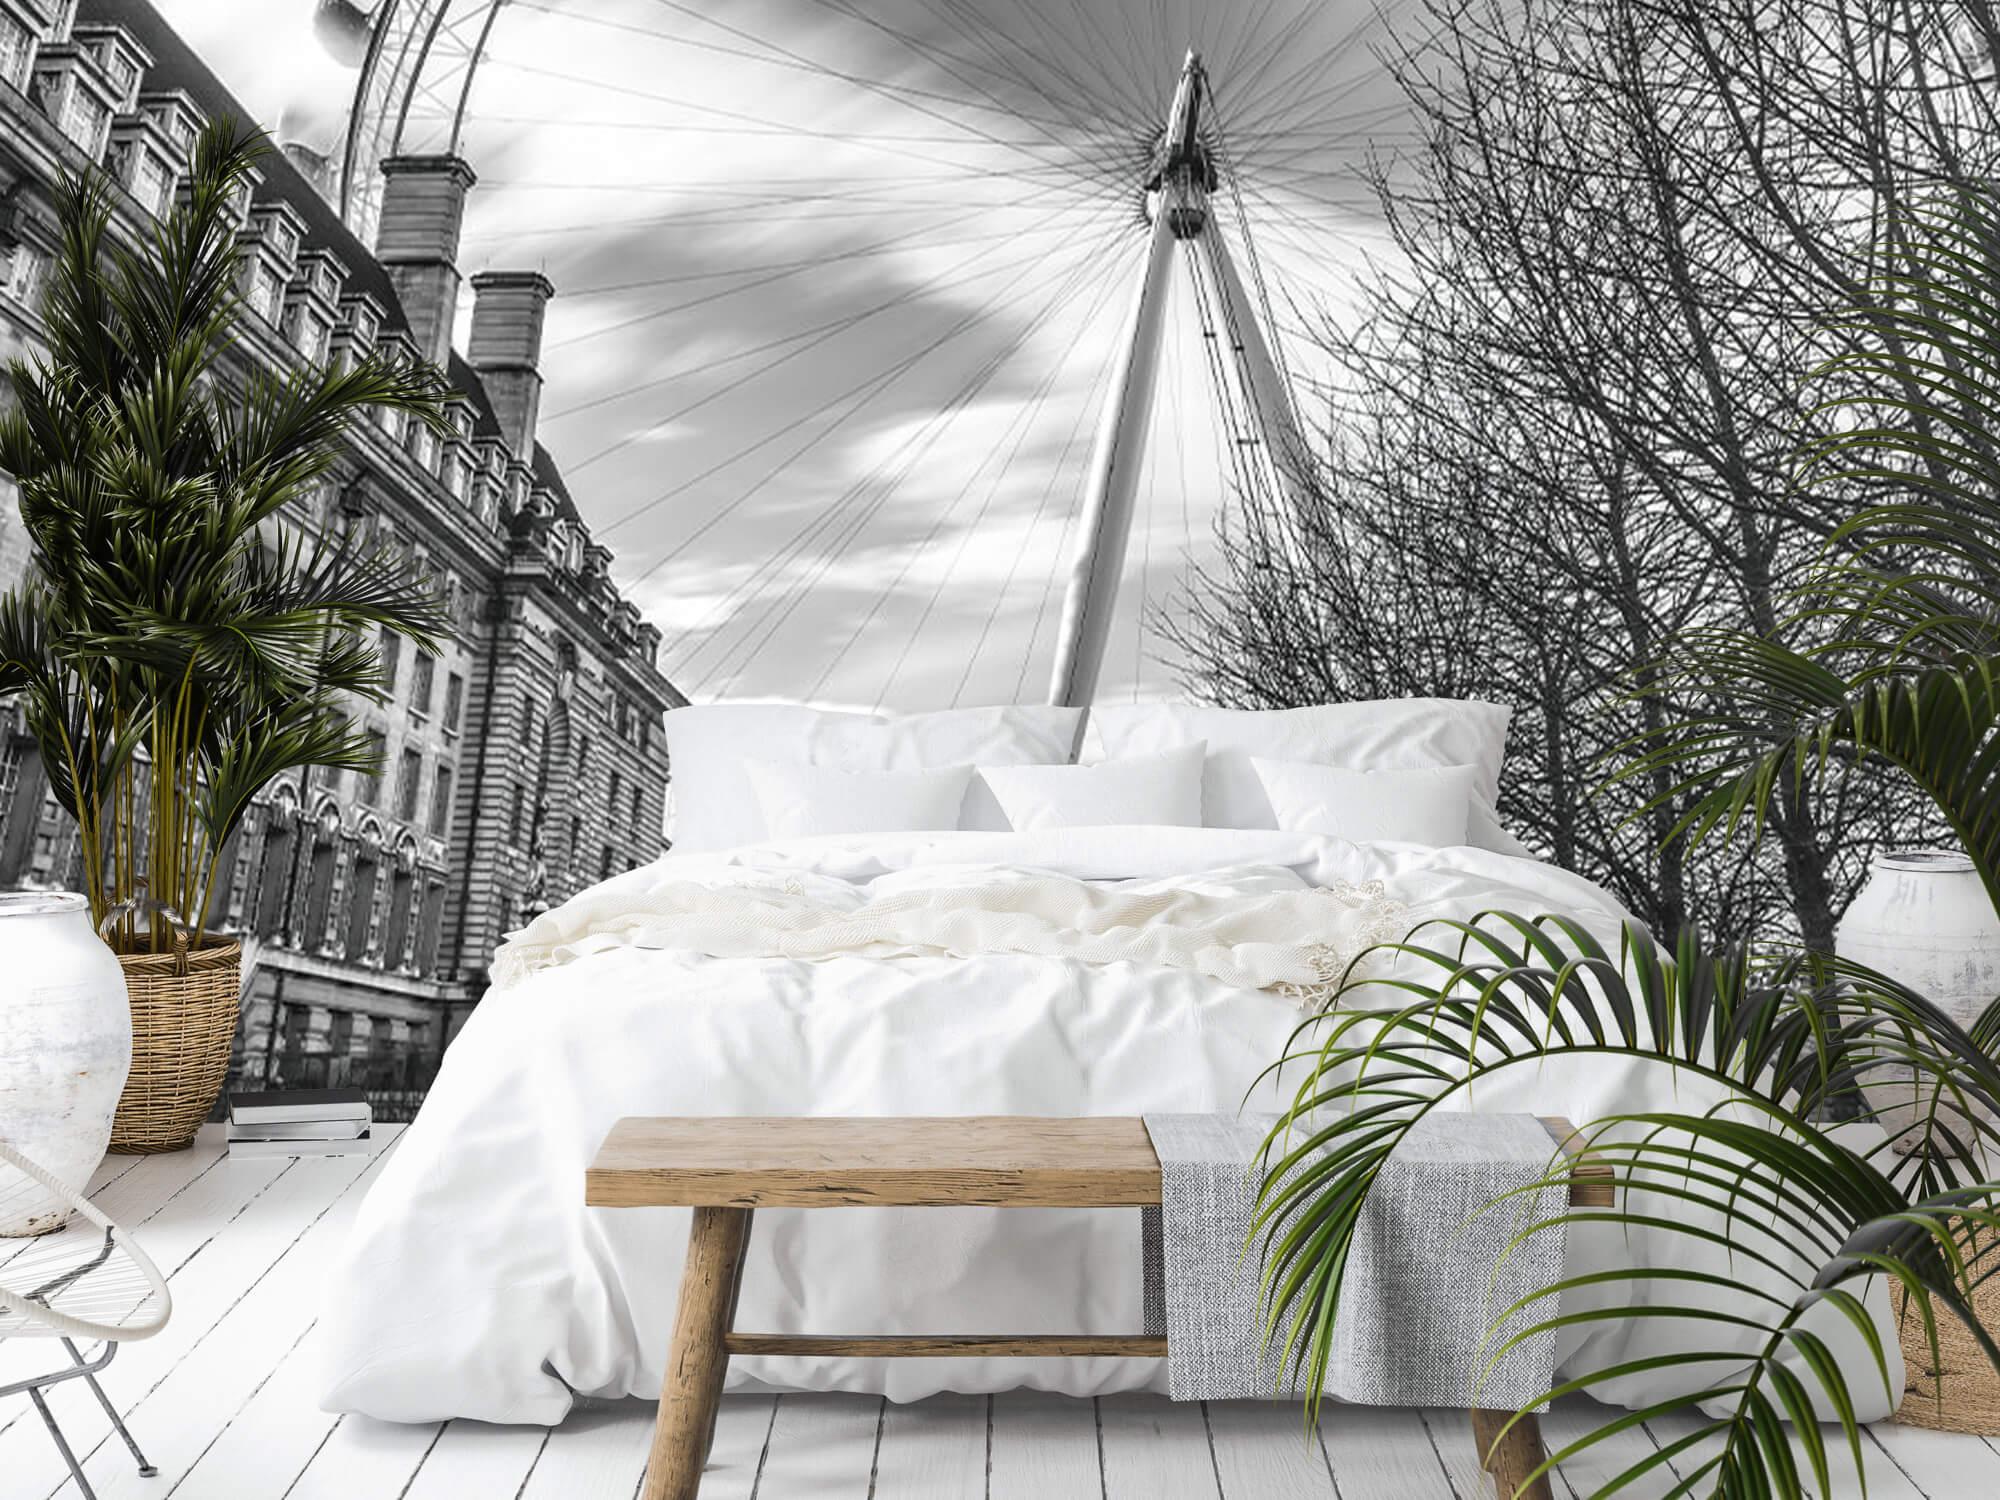 Ferris wheel in London 13